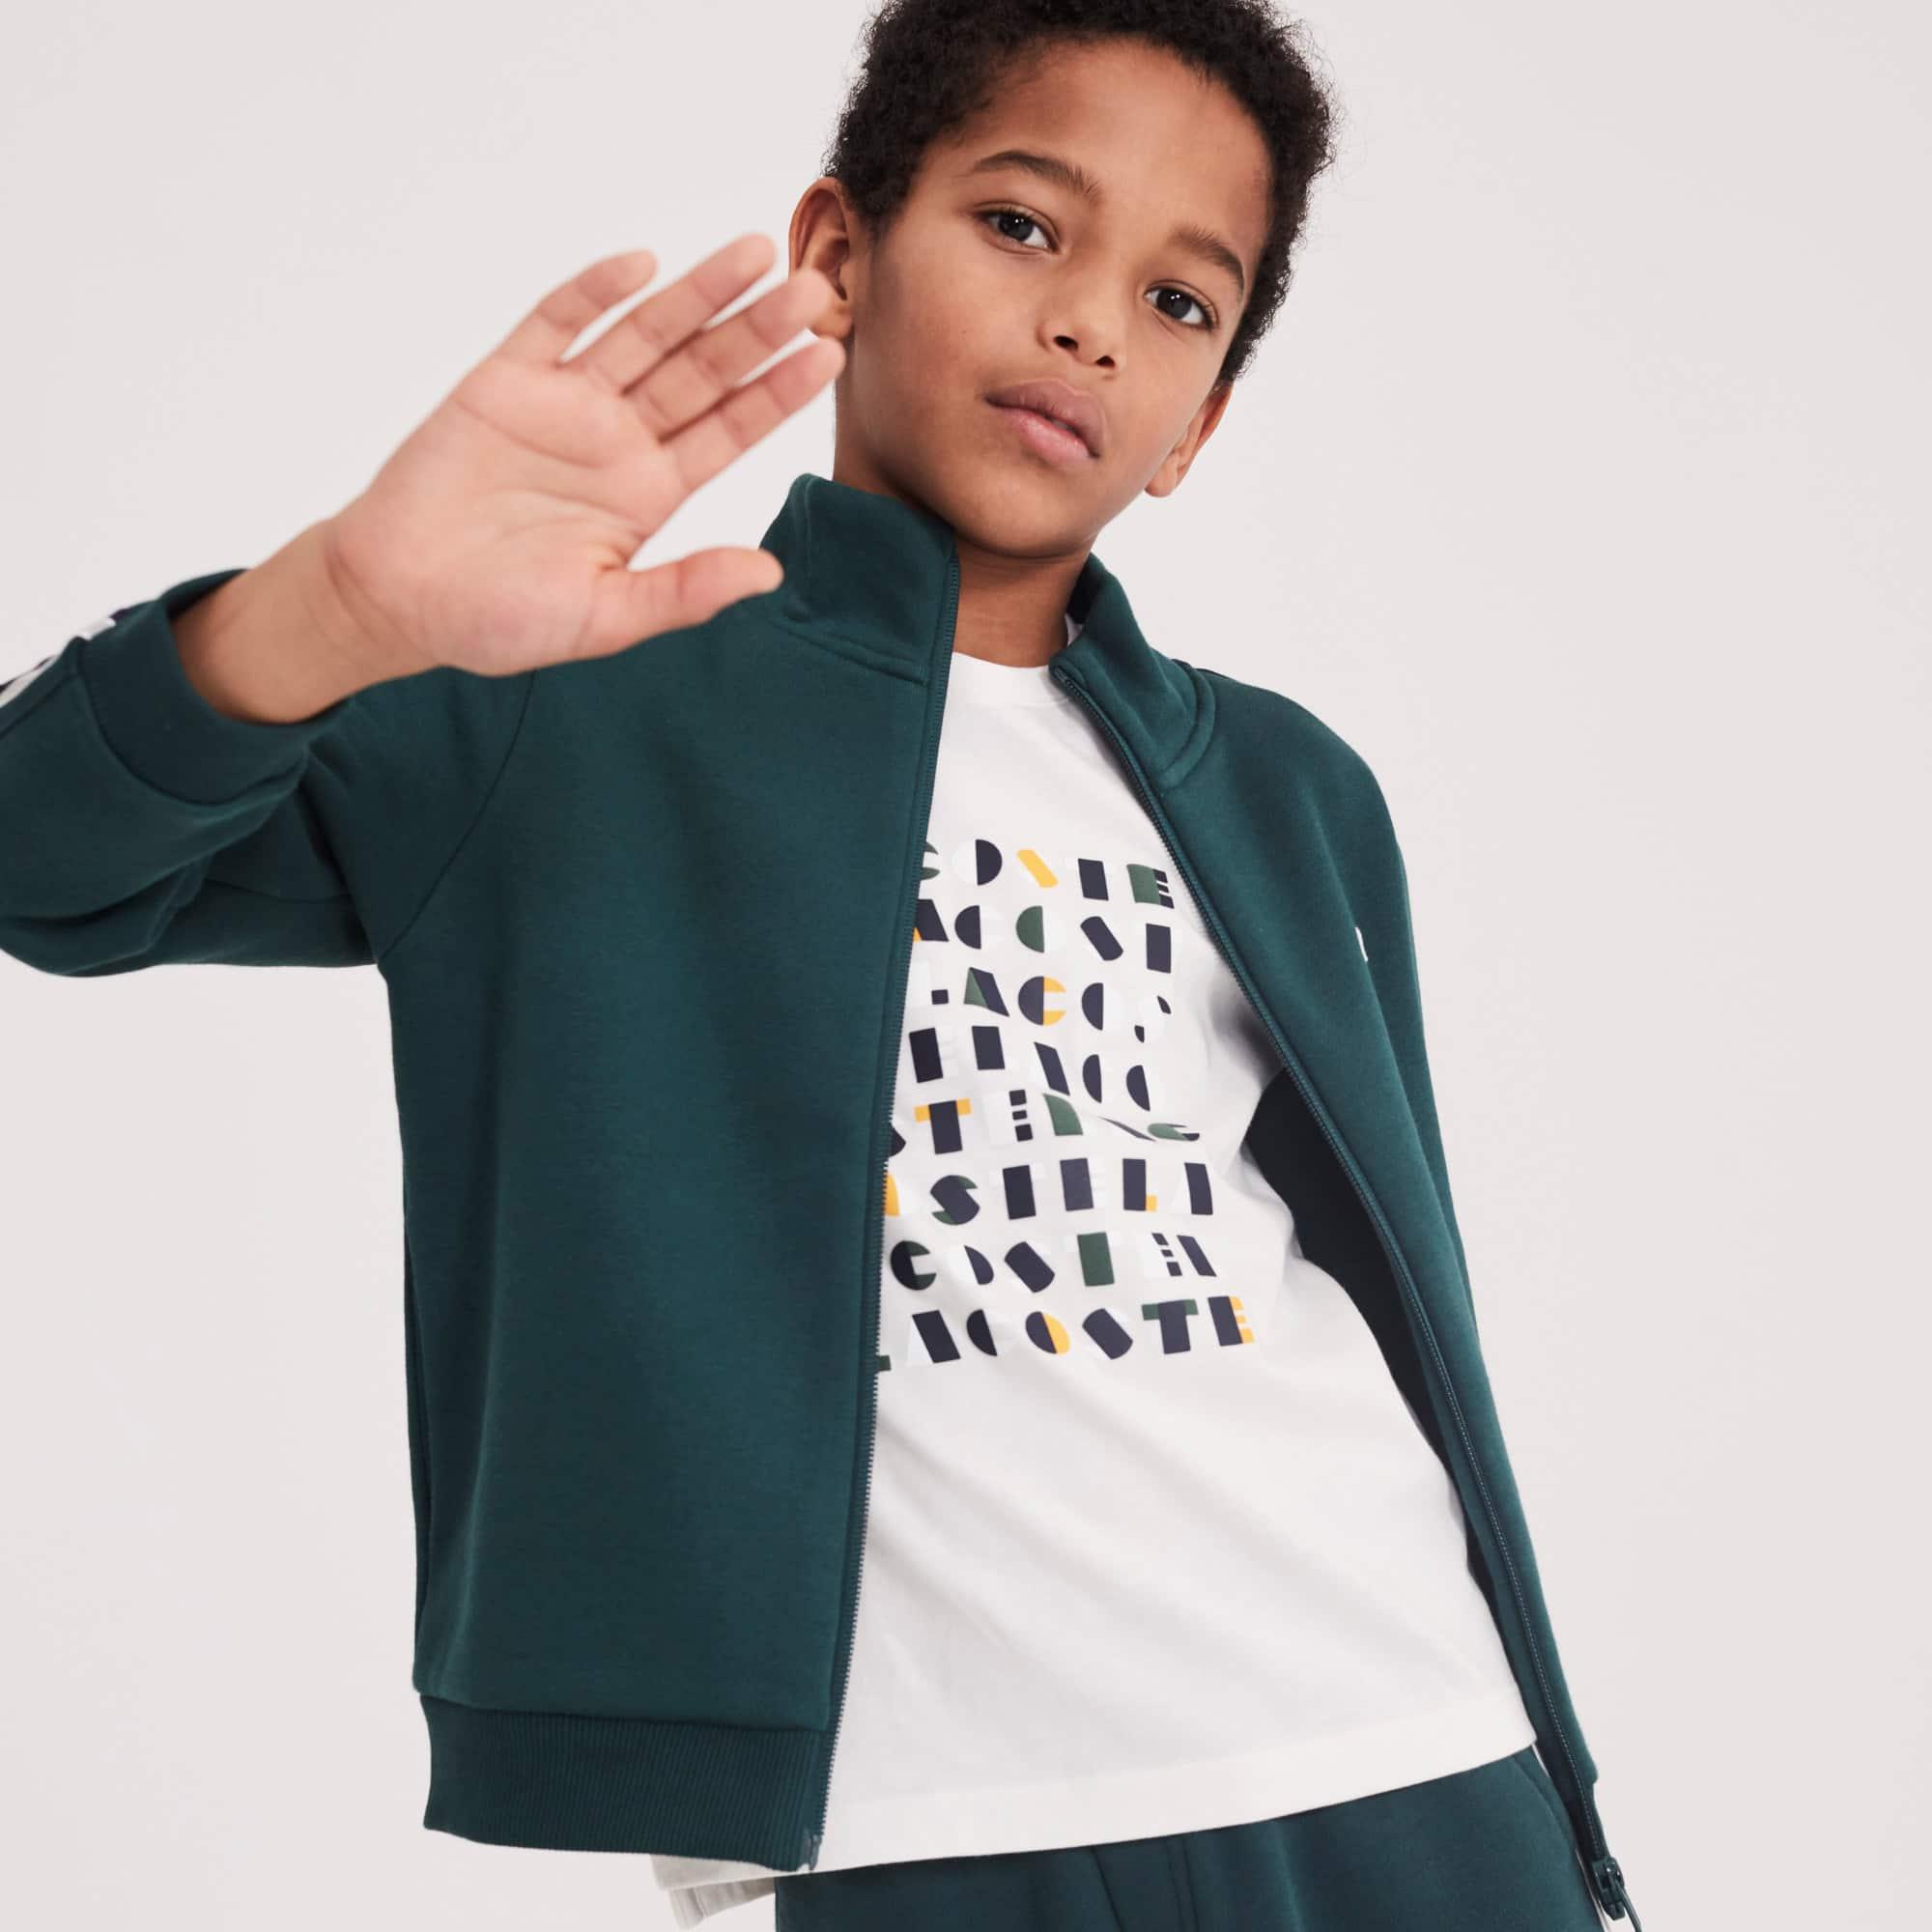 T-shirt Menino decote redondo em jersey de algodão com marcação gráfica Lacoste